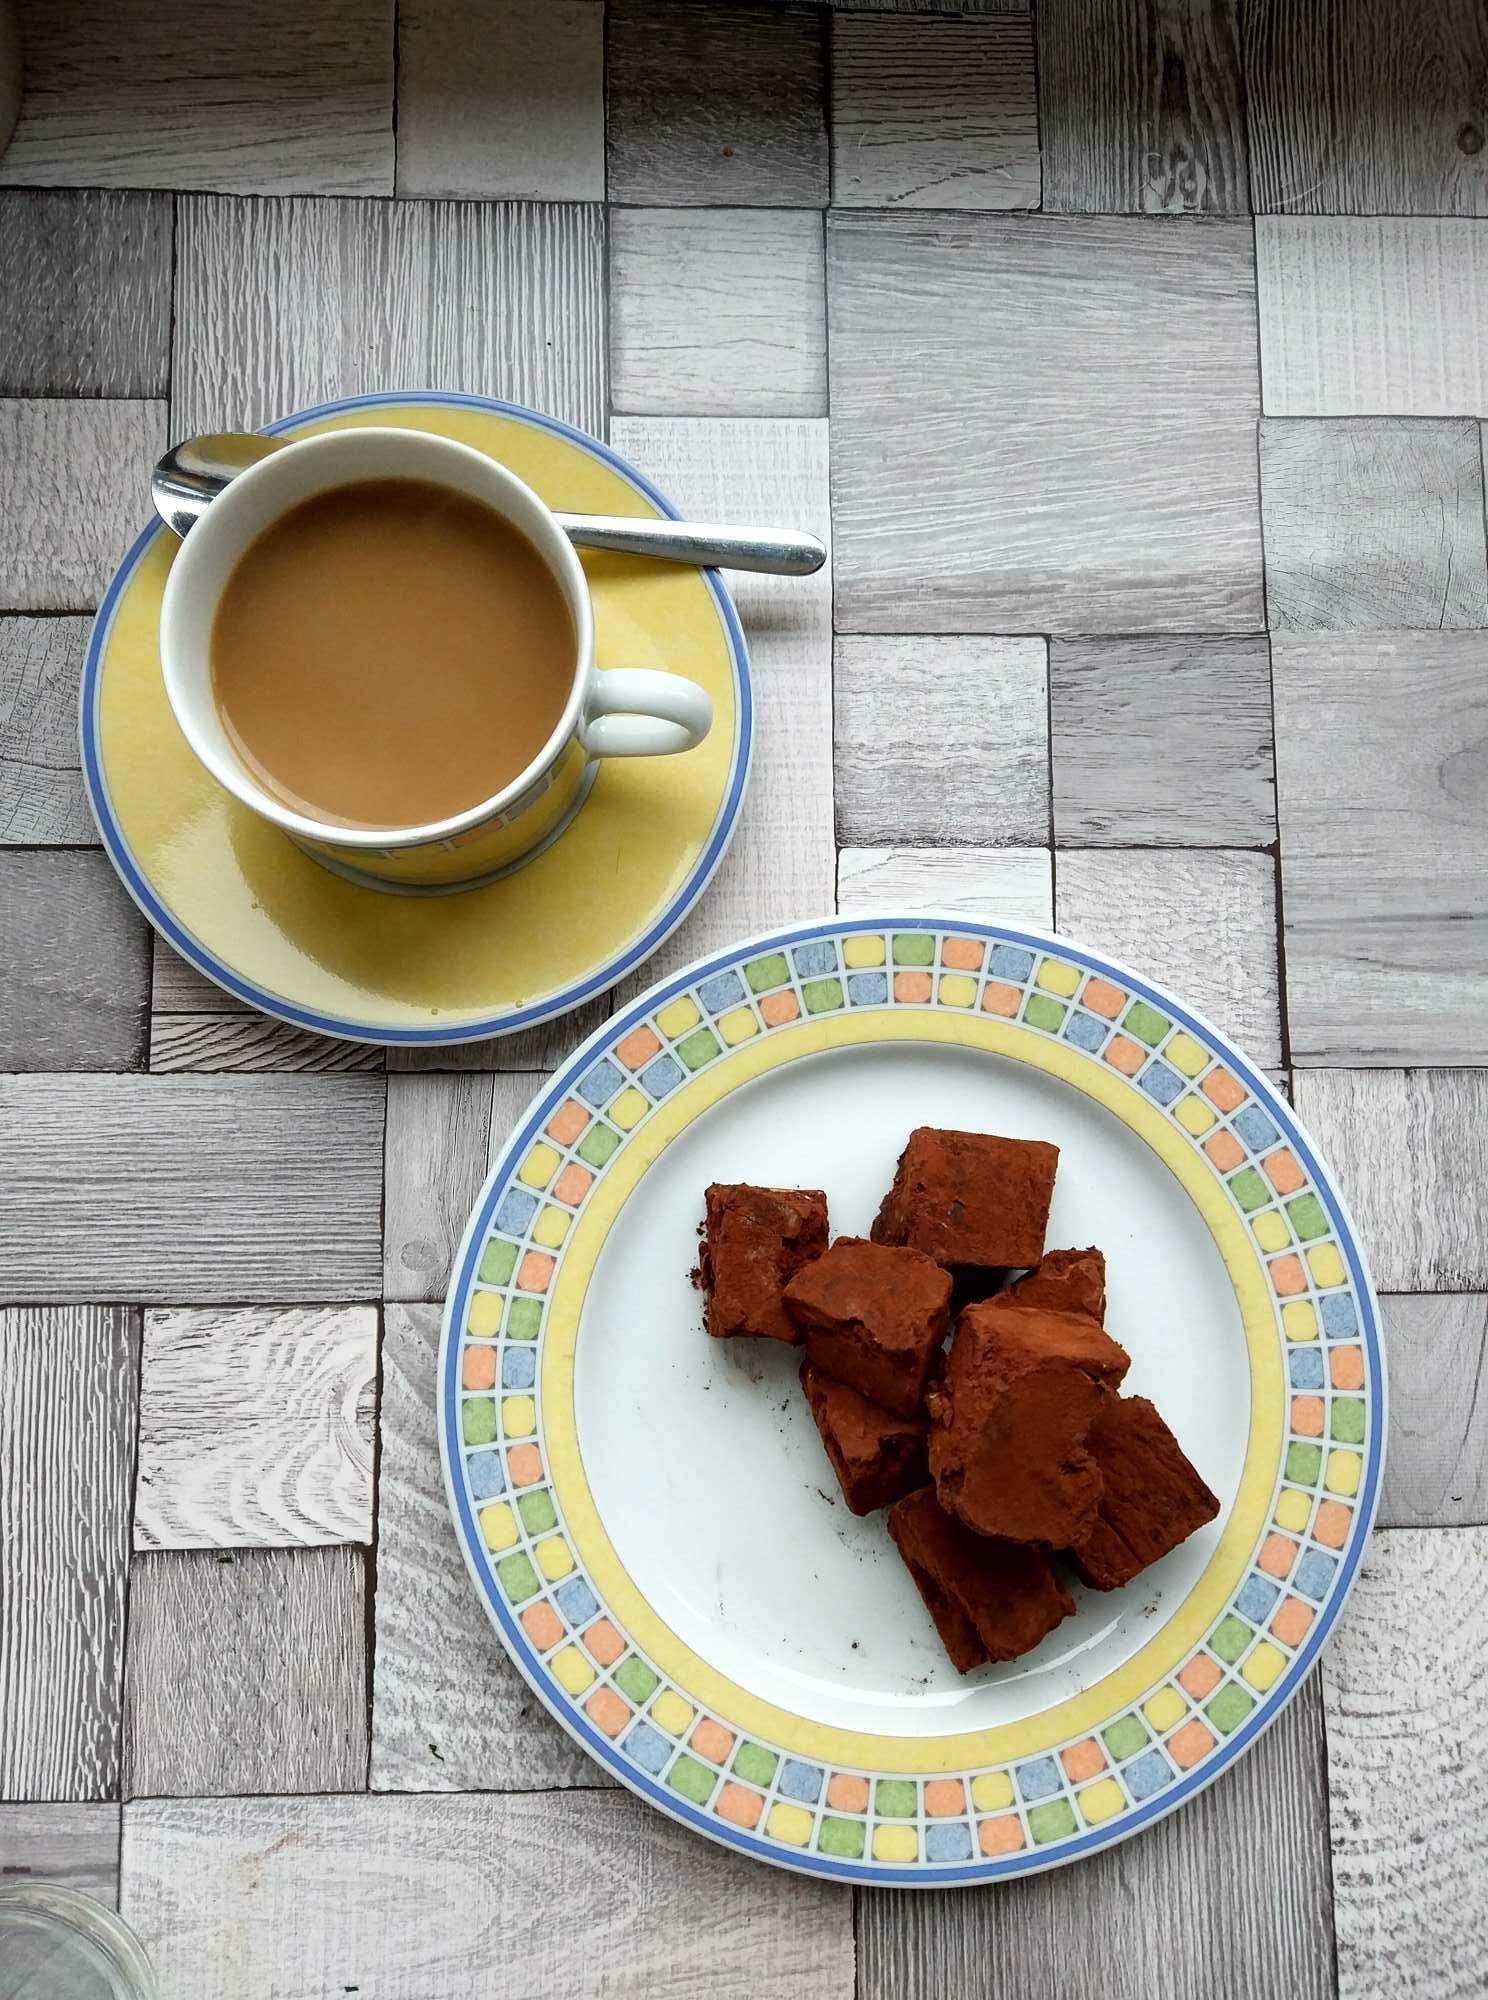 Tartufo al Cioccolato (Schokoladen-Trüffel)